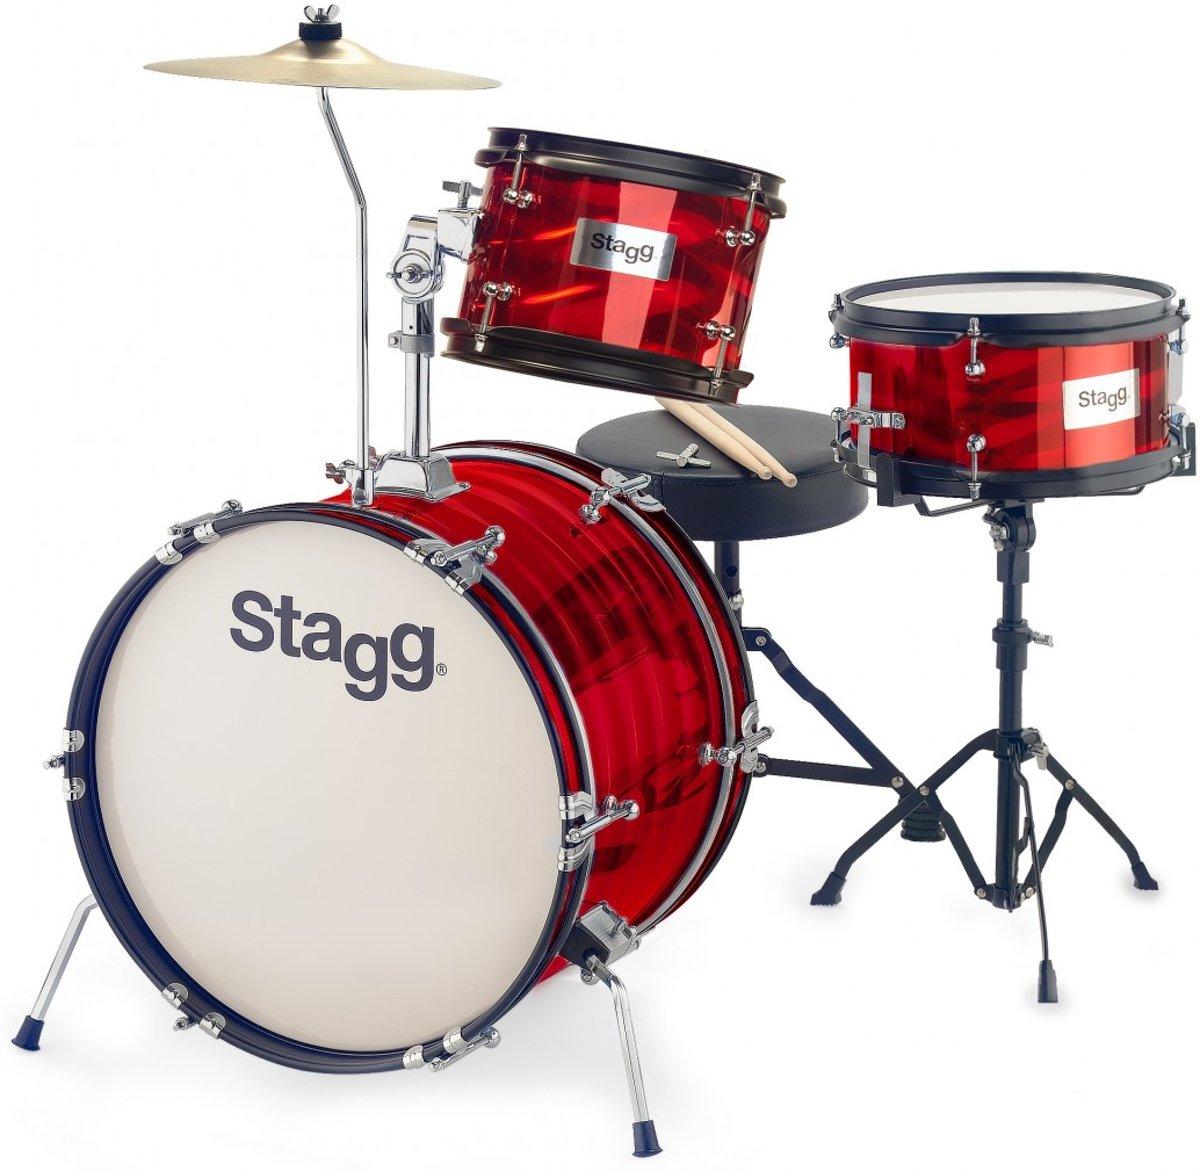 Stagg TIM JR 3/16B RD 3-delig junior drumset 16